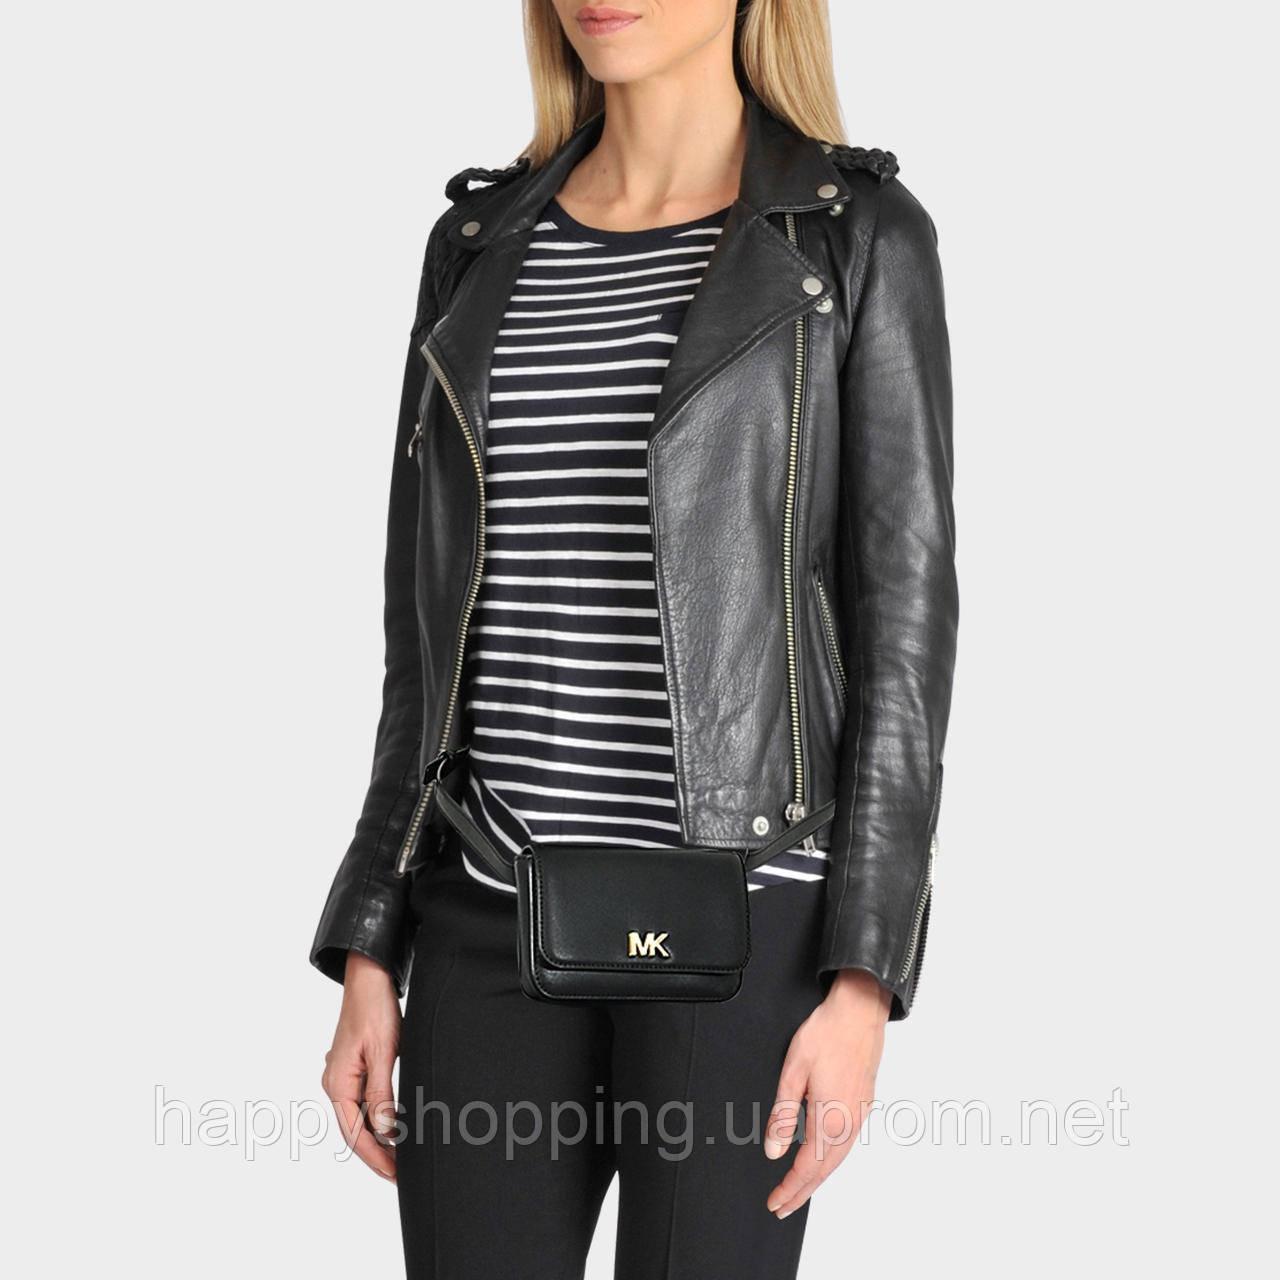 Женская оригинальная черная кожаная поясная сумка популярного бренда Michael Kors